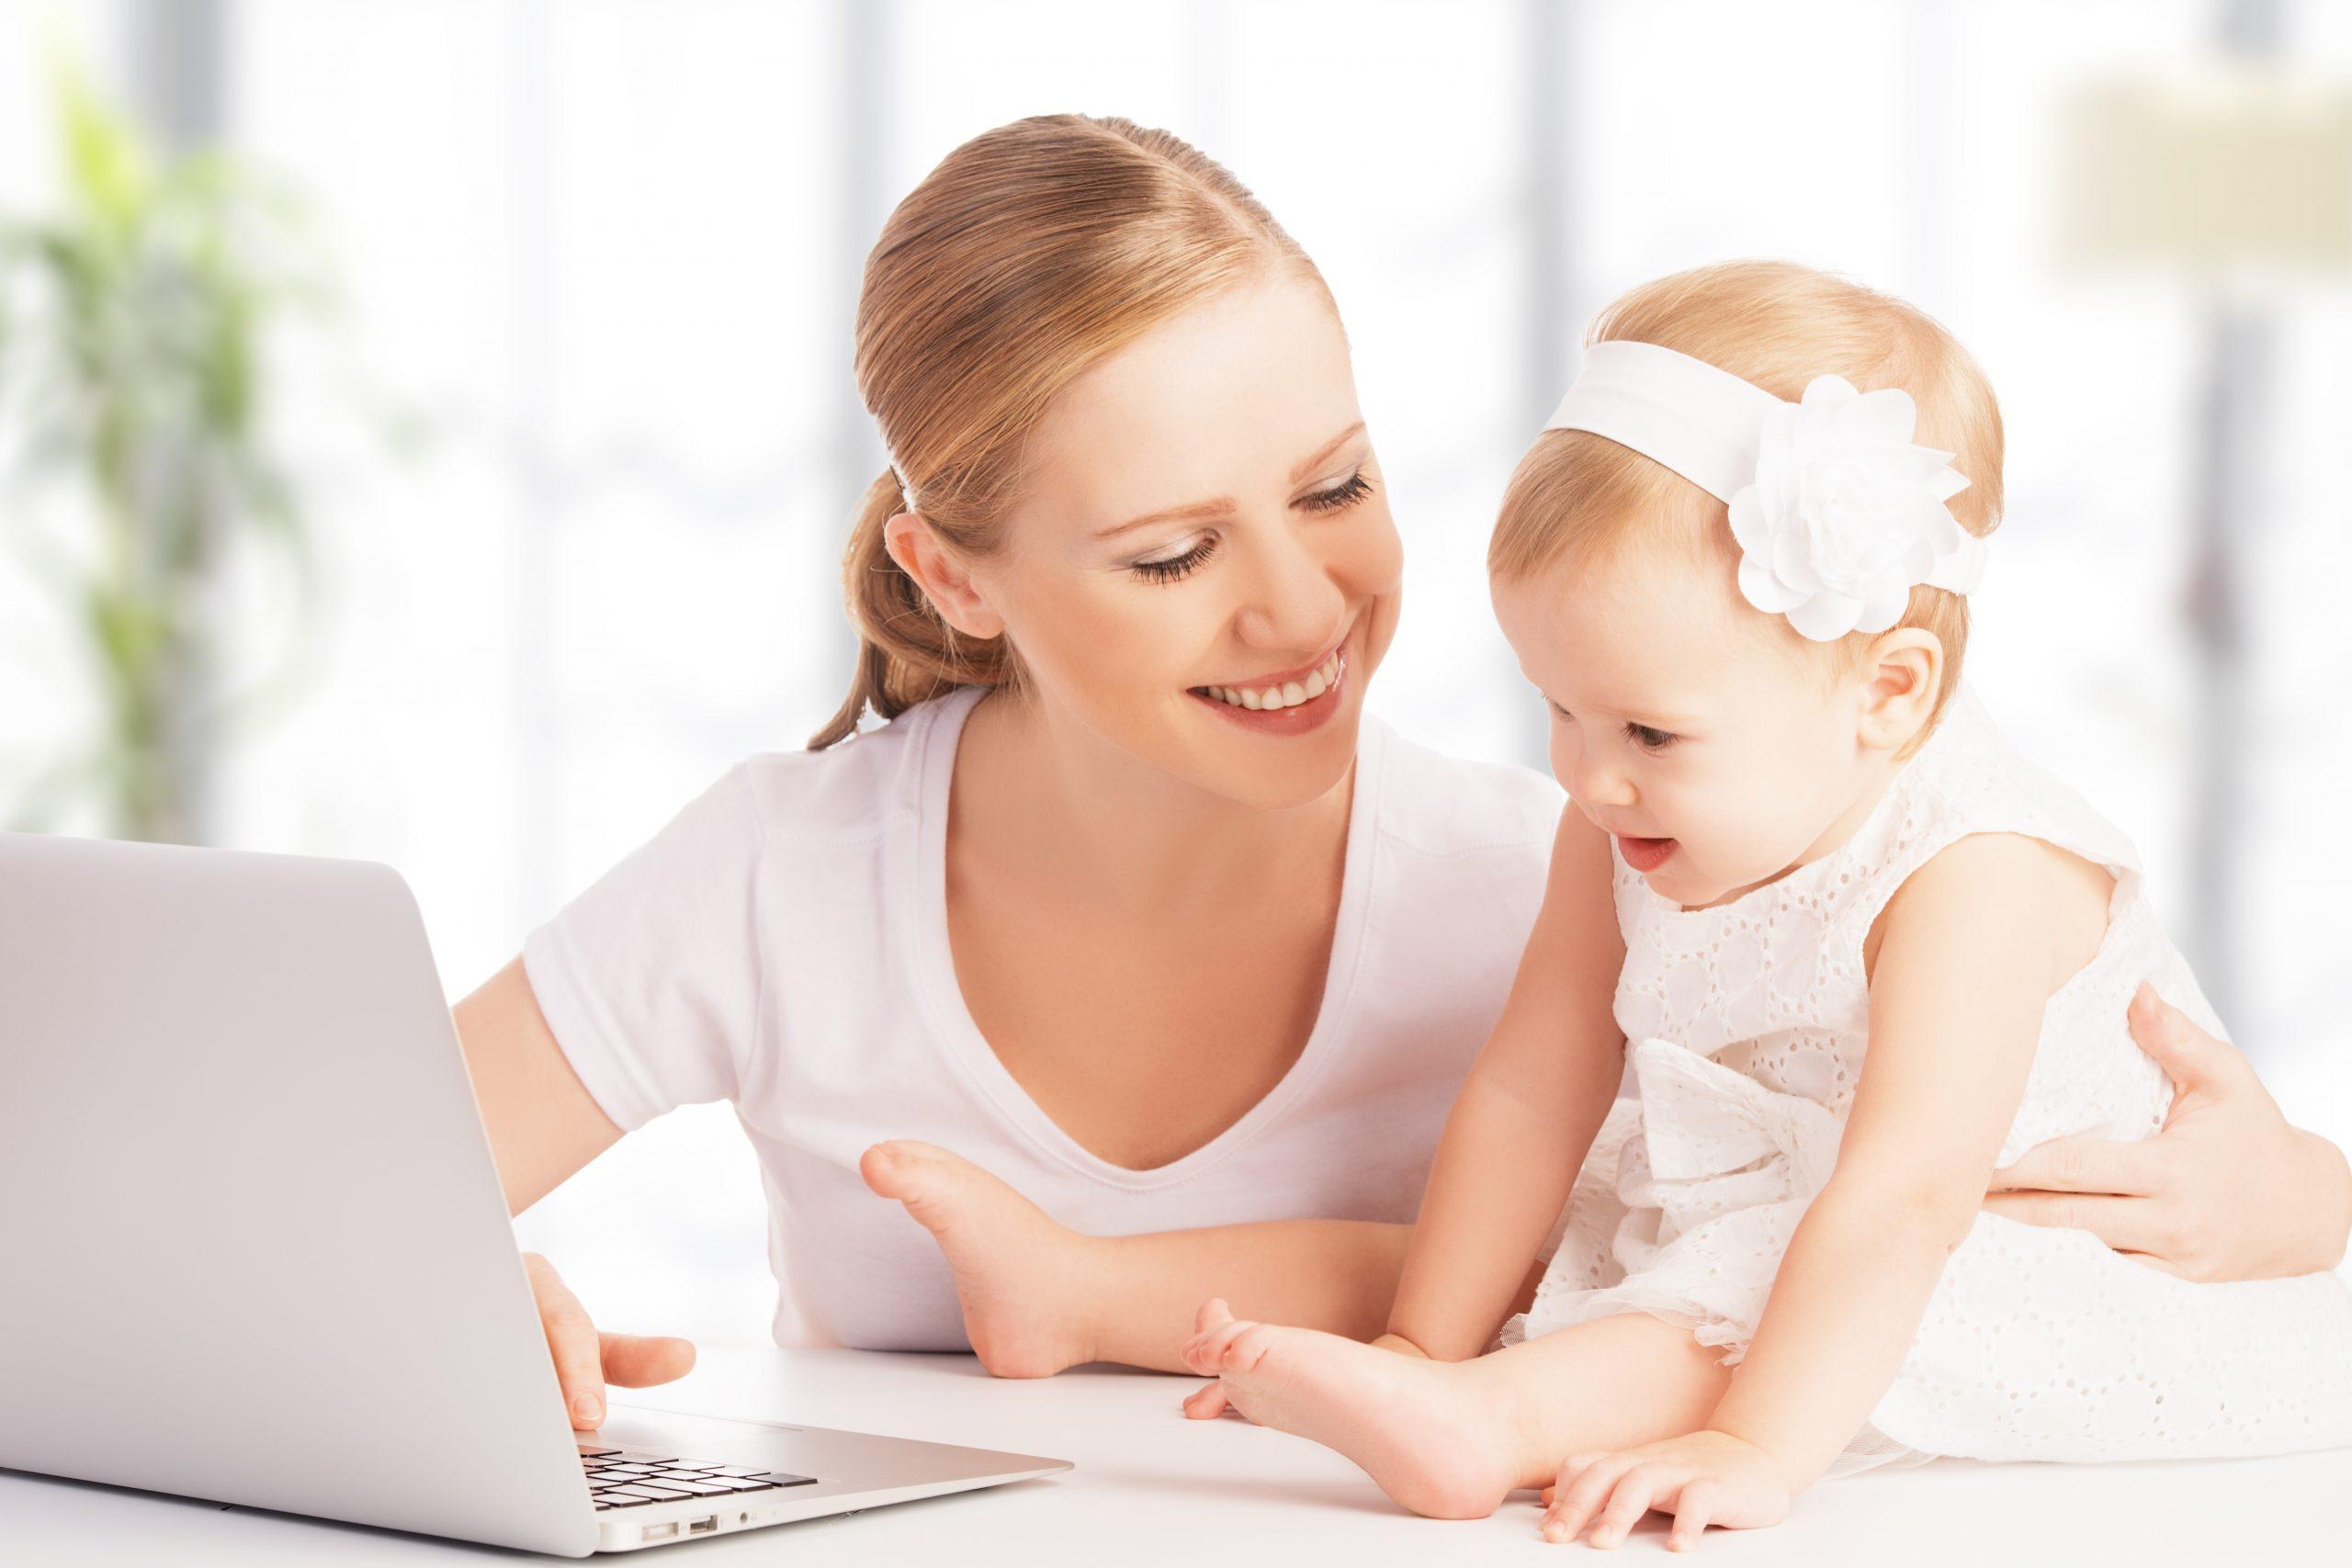 В России облегчили трудоустройство женщин с детьми до 3 лет и пожилых